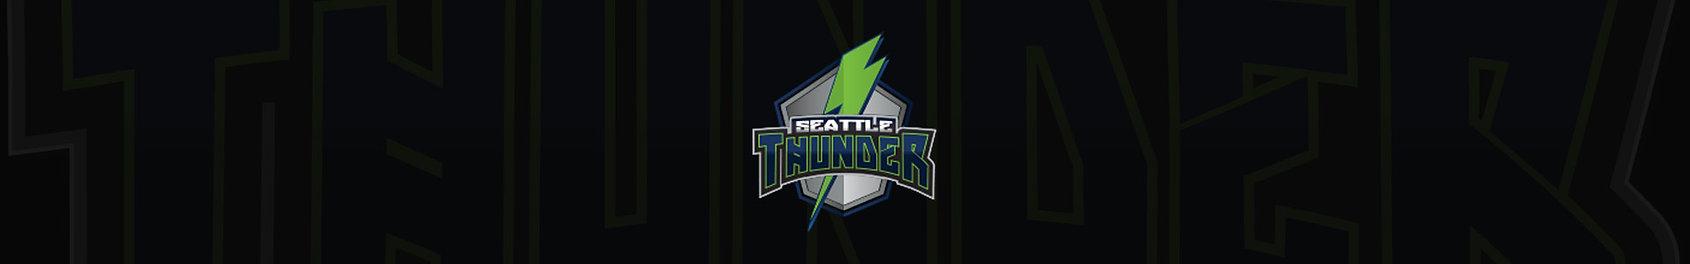 LogoBar_SeattleThunder.jpg